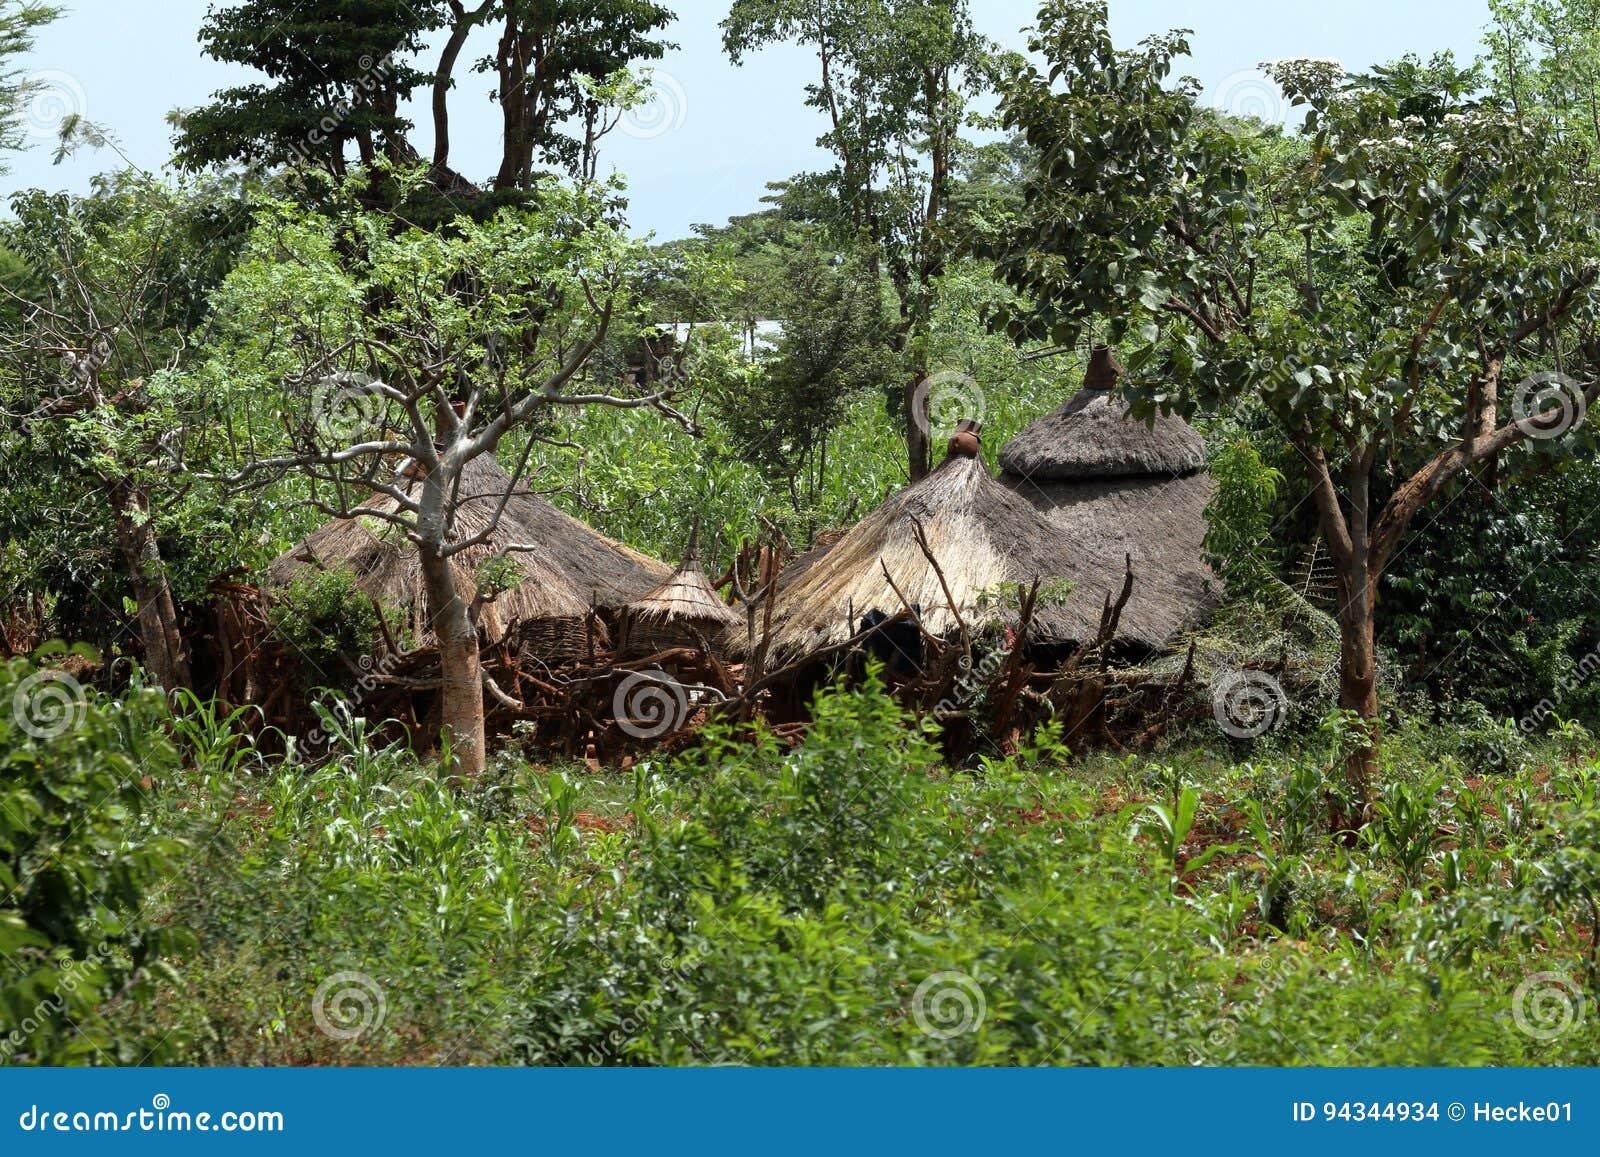 Case e villaggi tradizionali in africa fotografia stock for Case tradizionali